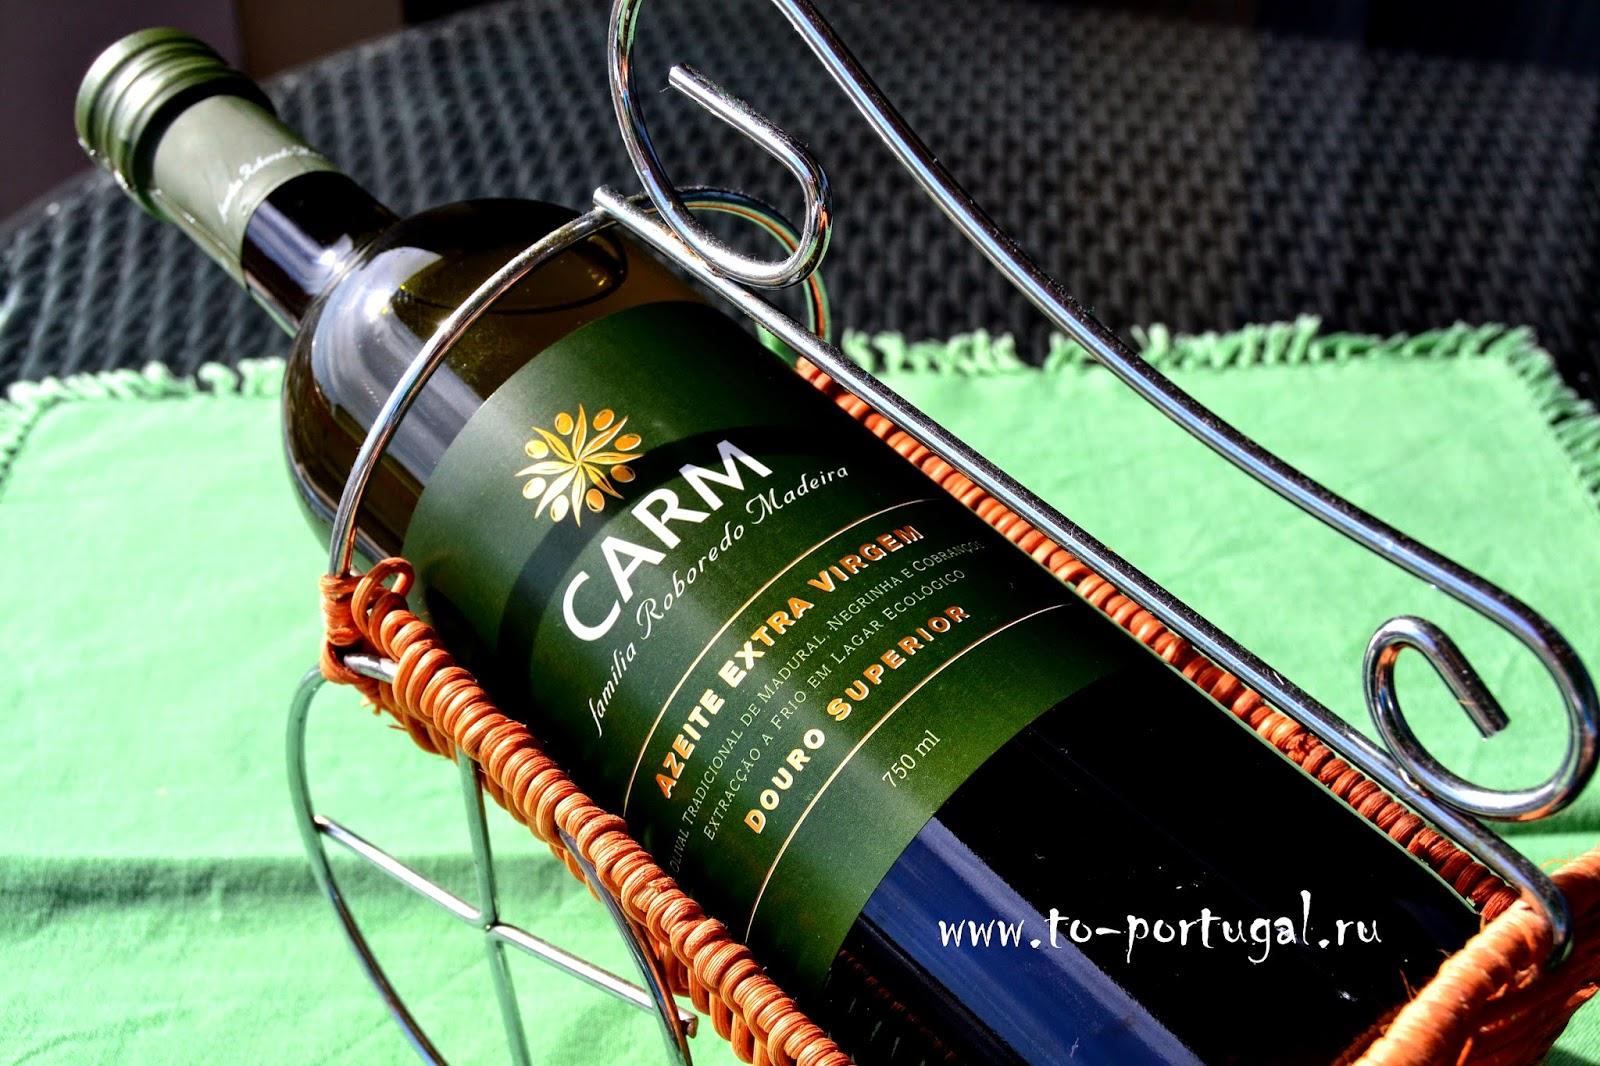 хорошее португальское оливковое масло, что купить в португалии